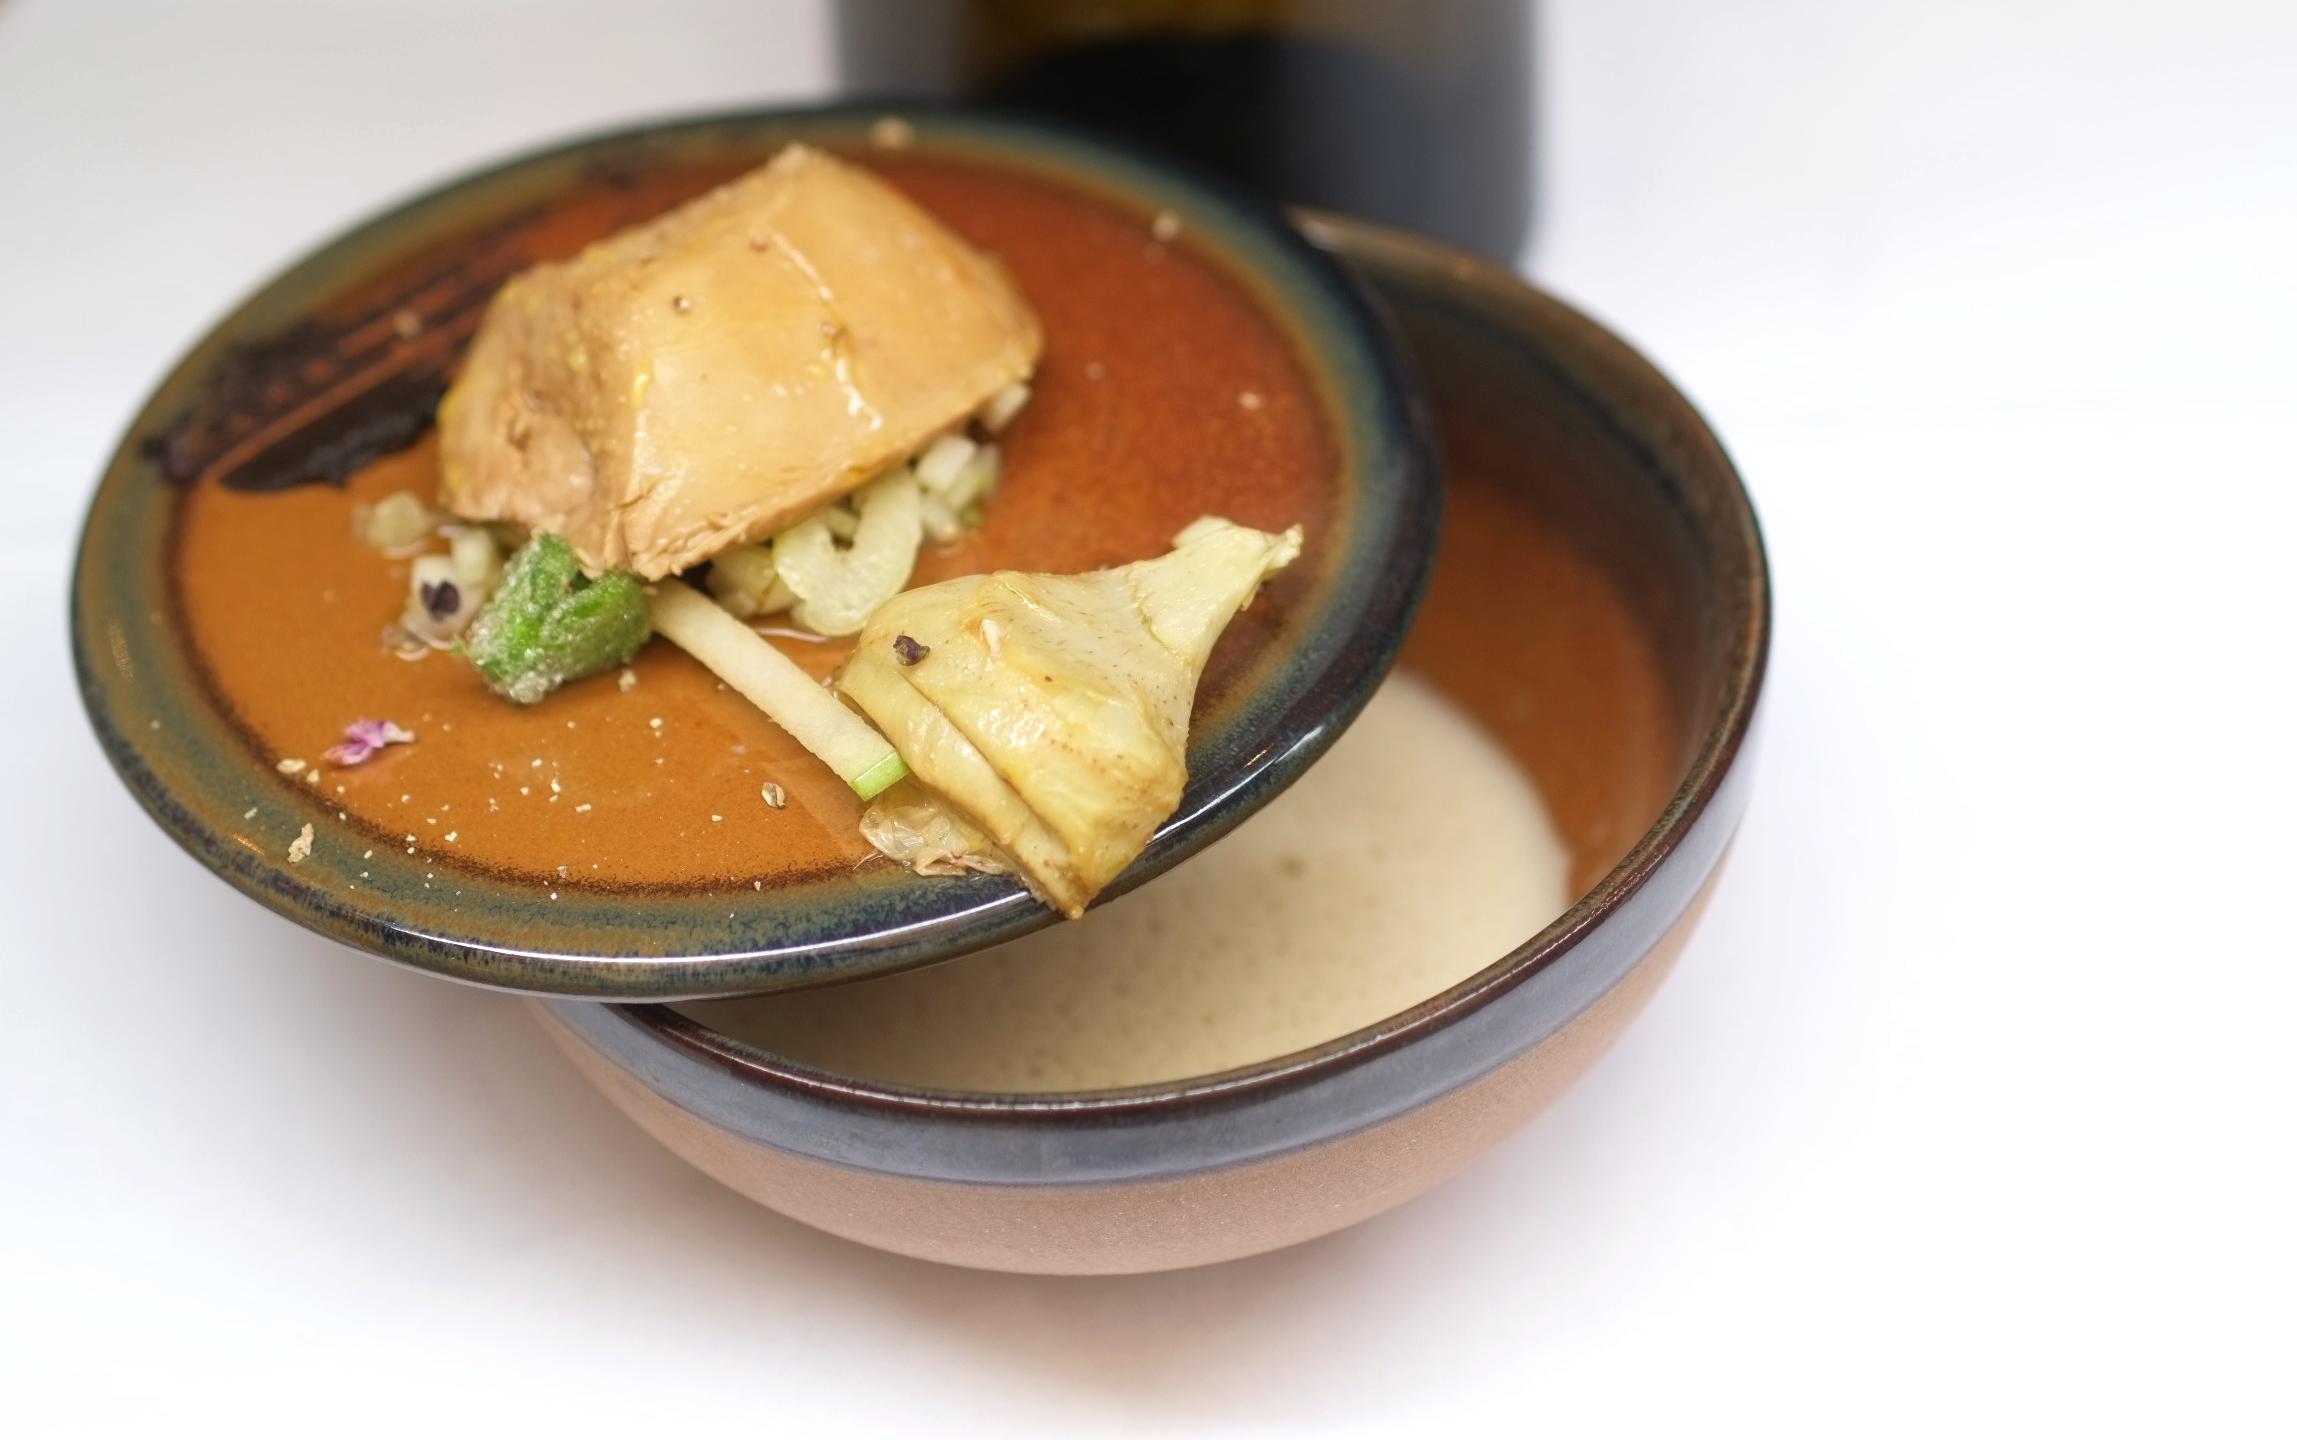 Foie gras Rougié poché dans un bouillon de tamarin, Artichaut en poivrade et son écume montée au beurre noisette par Anthony Courteille – (Matière à. – Paris)